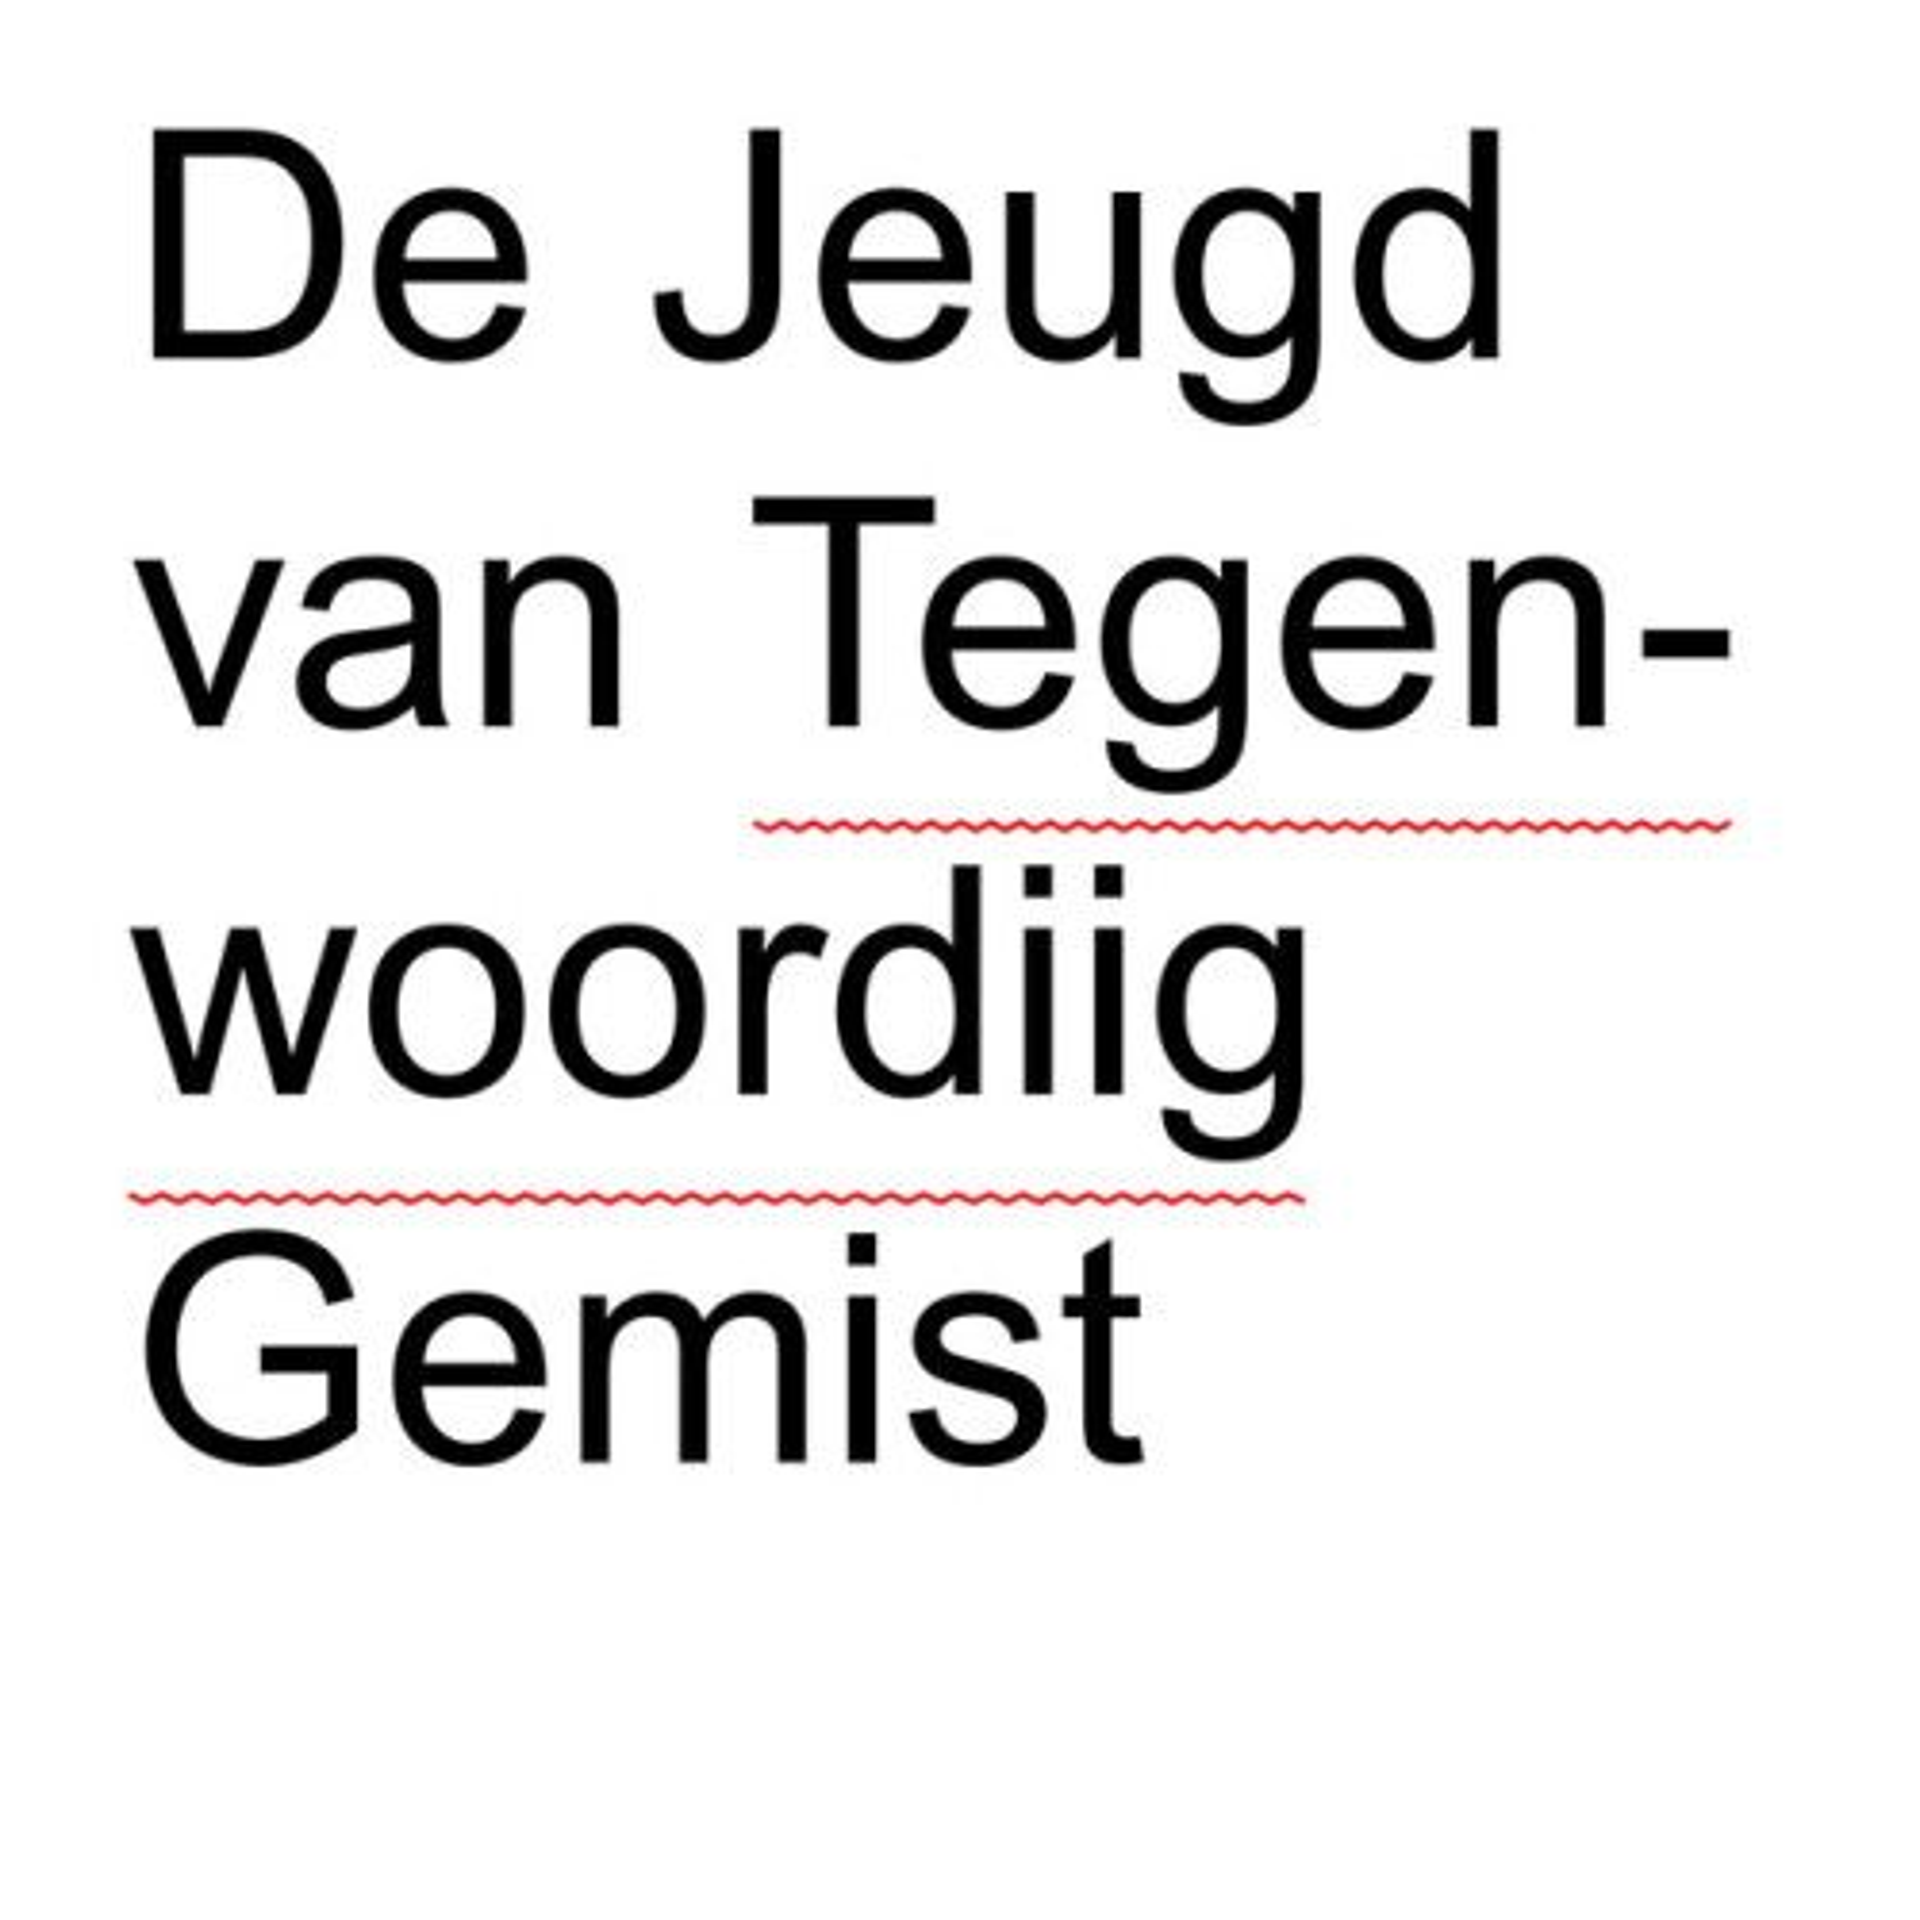 GEMIST